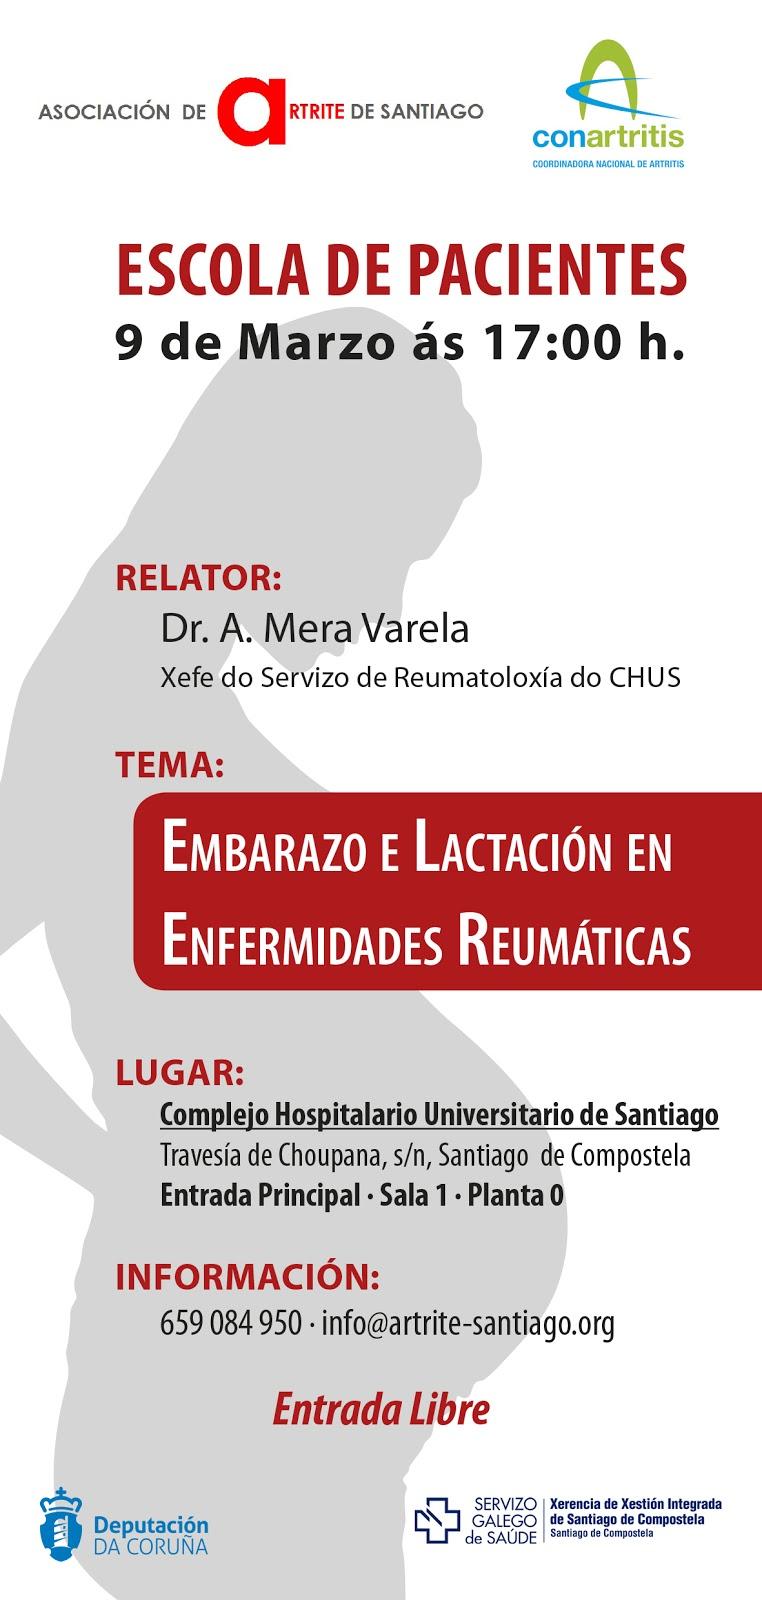 artritis, ConArtritis, asociación, reumatología, reuma, artrosis, embarazo, reumática, Santiago, psoriásica, biológico, biosimilar, reumatoide